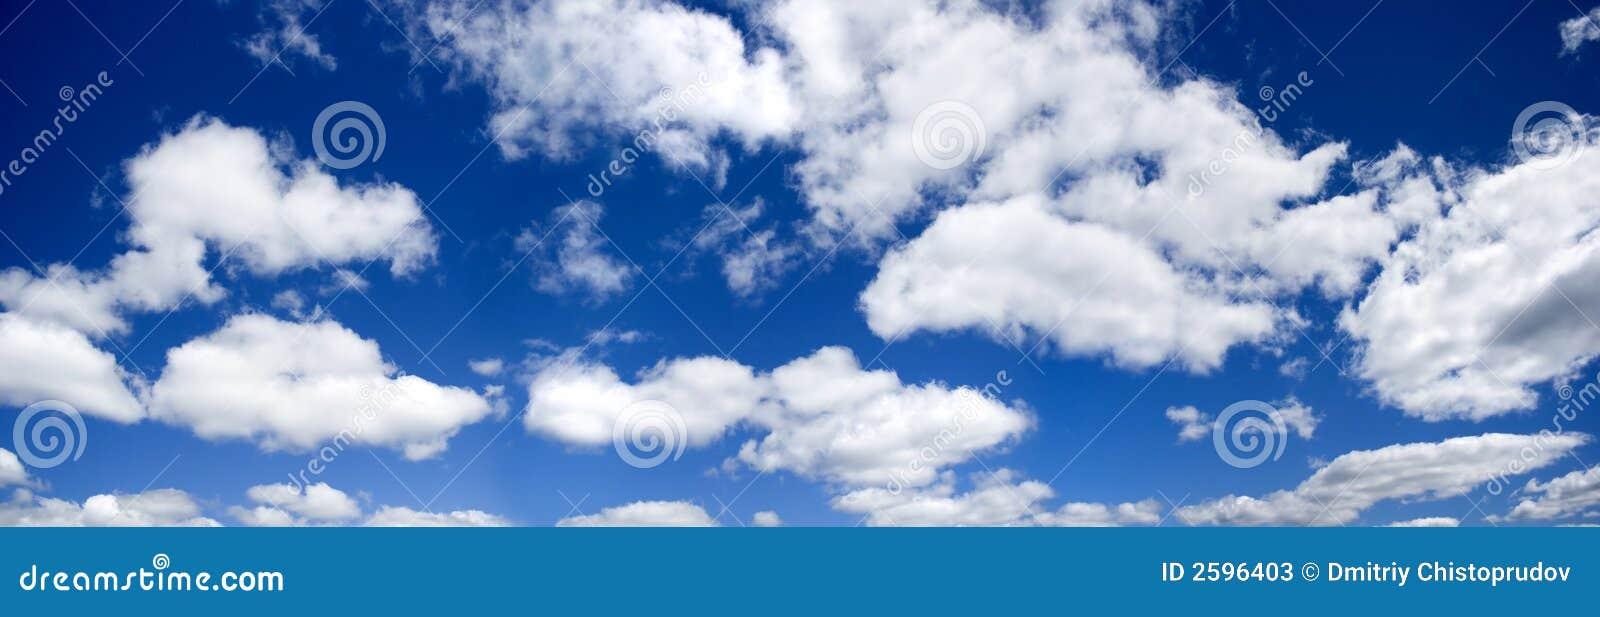 Blauwe hemel panoramische foto